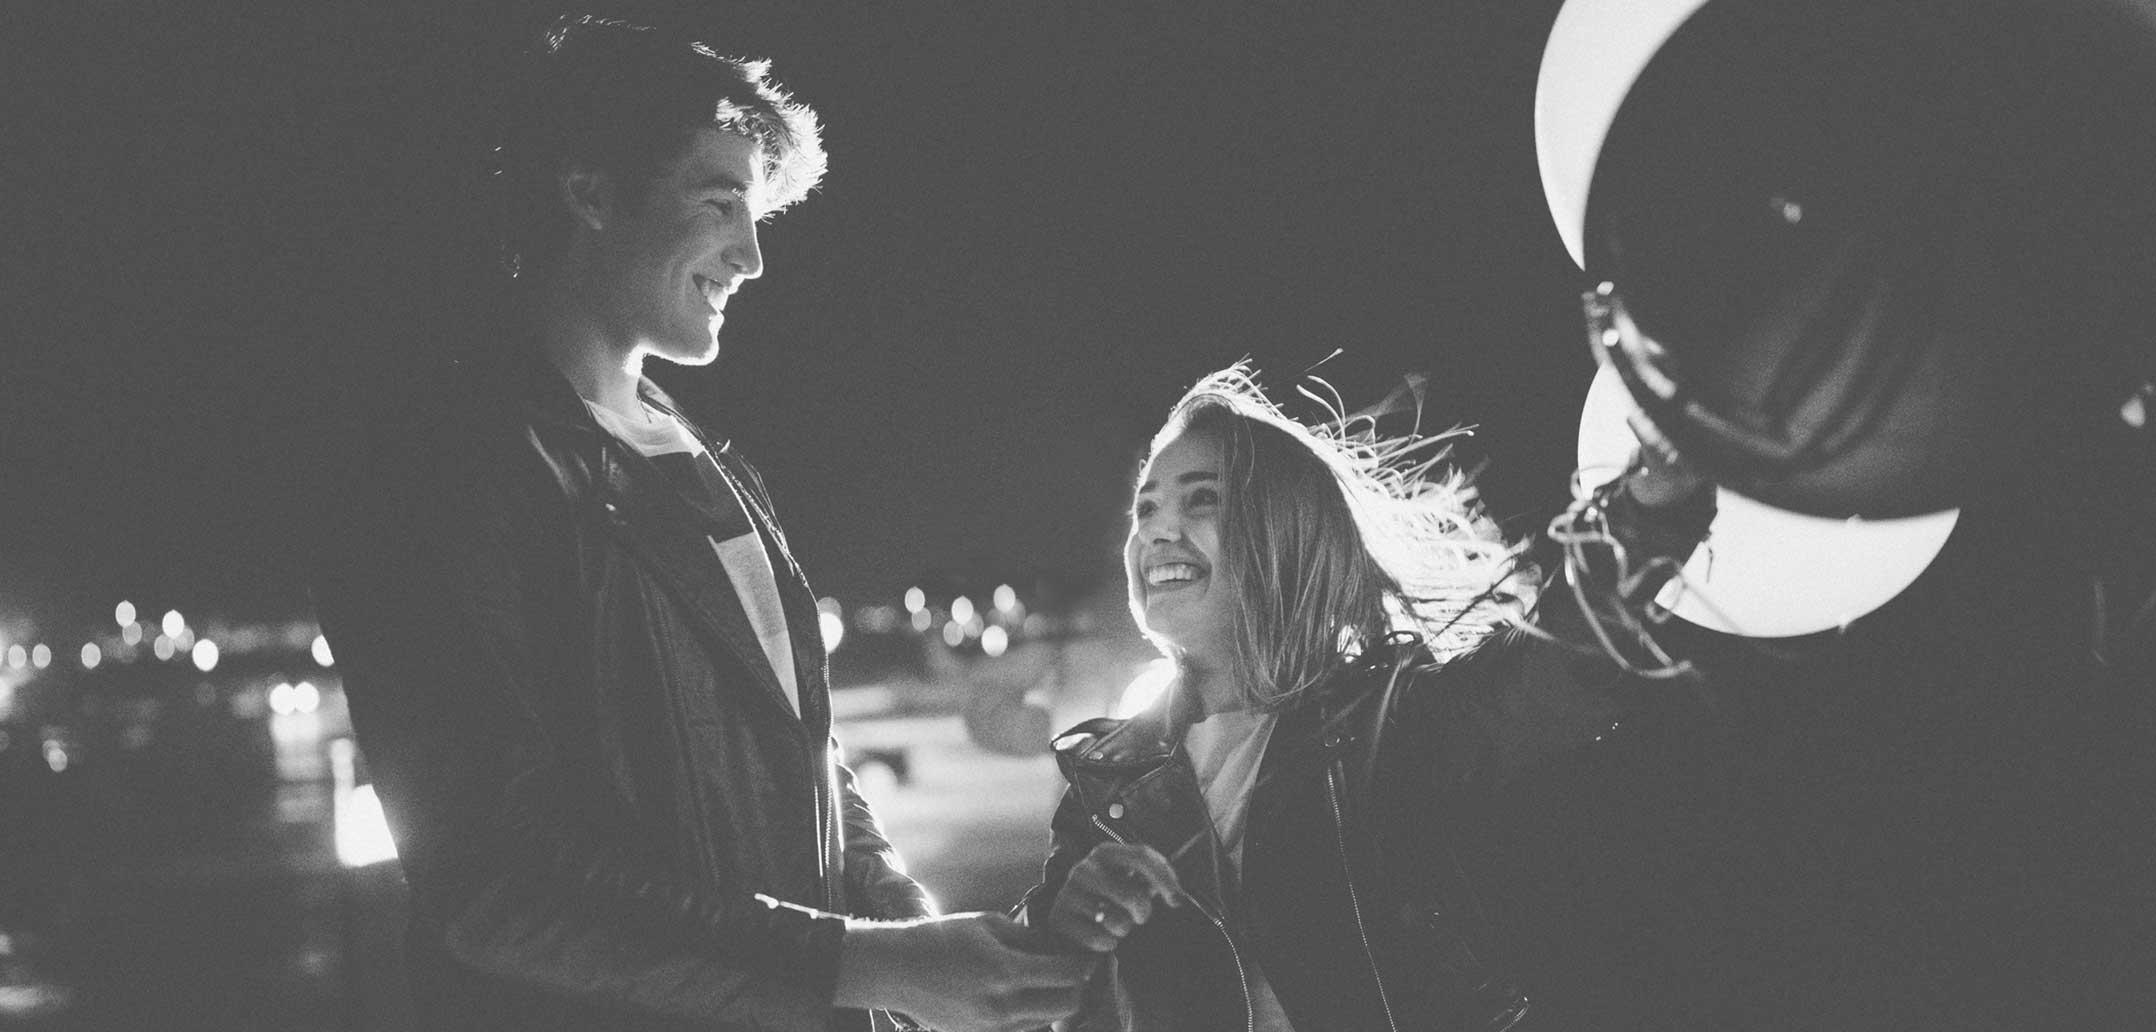 Zuneigung ausdrücken körpersprache körpersprache zuneigung